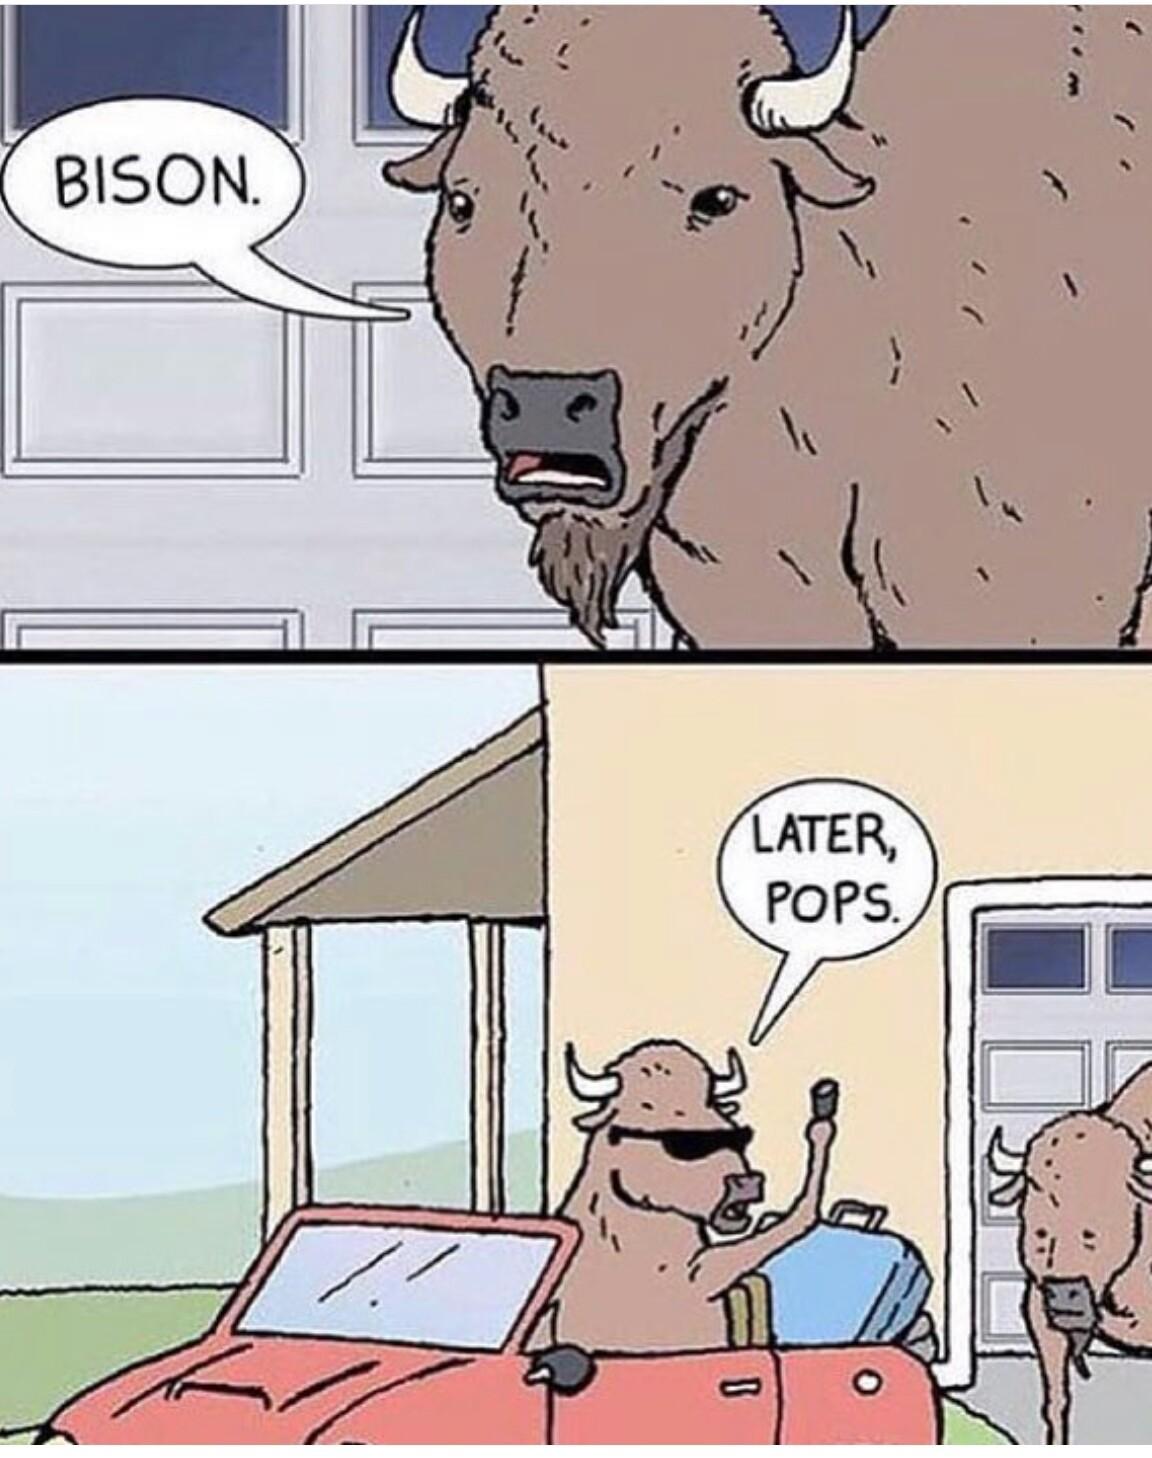 Bison - meme